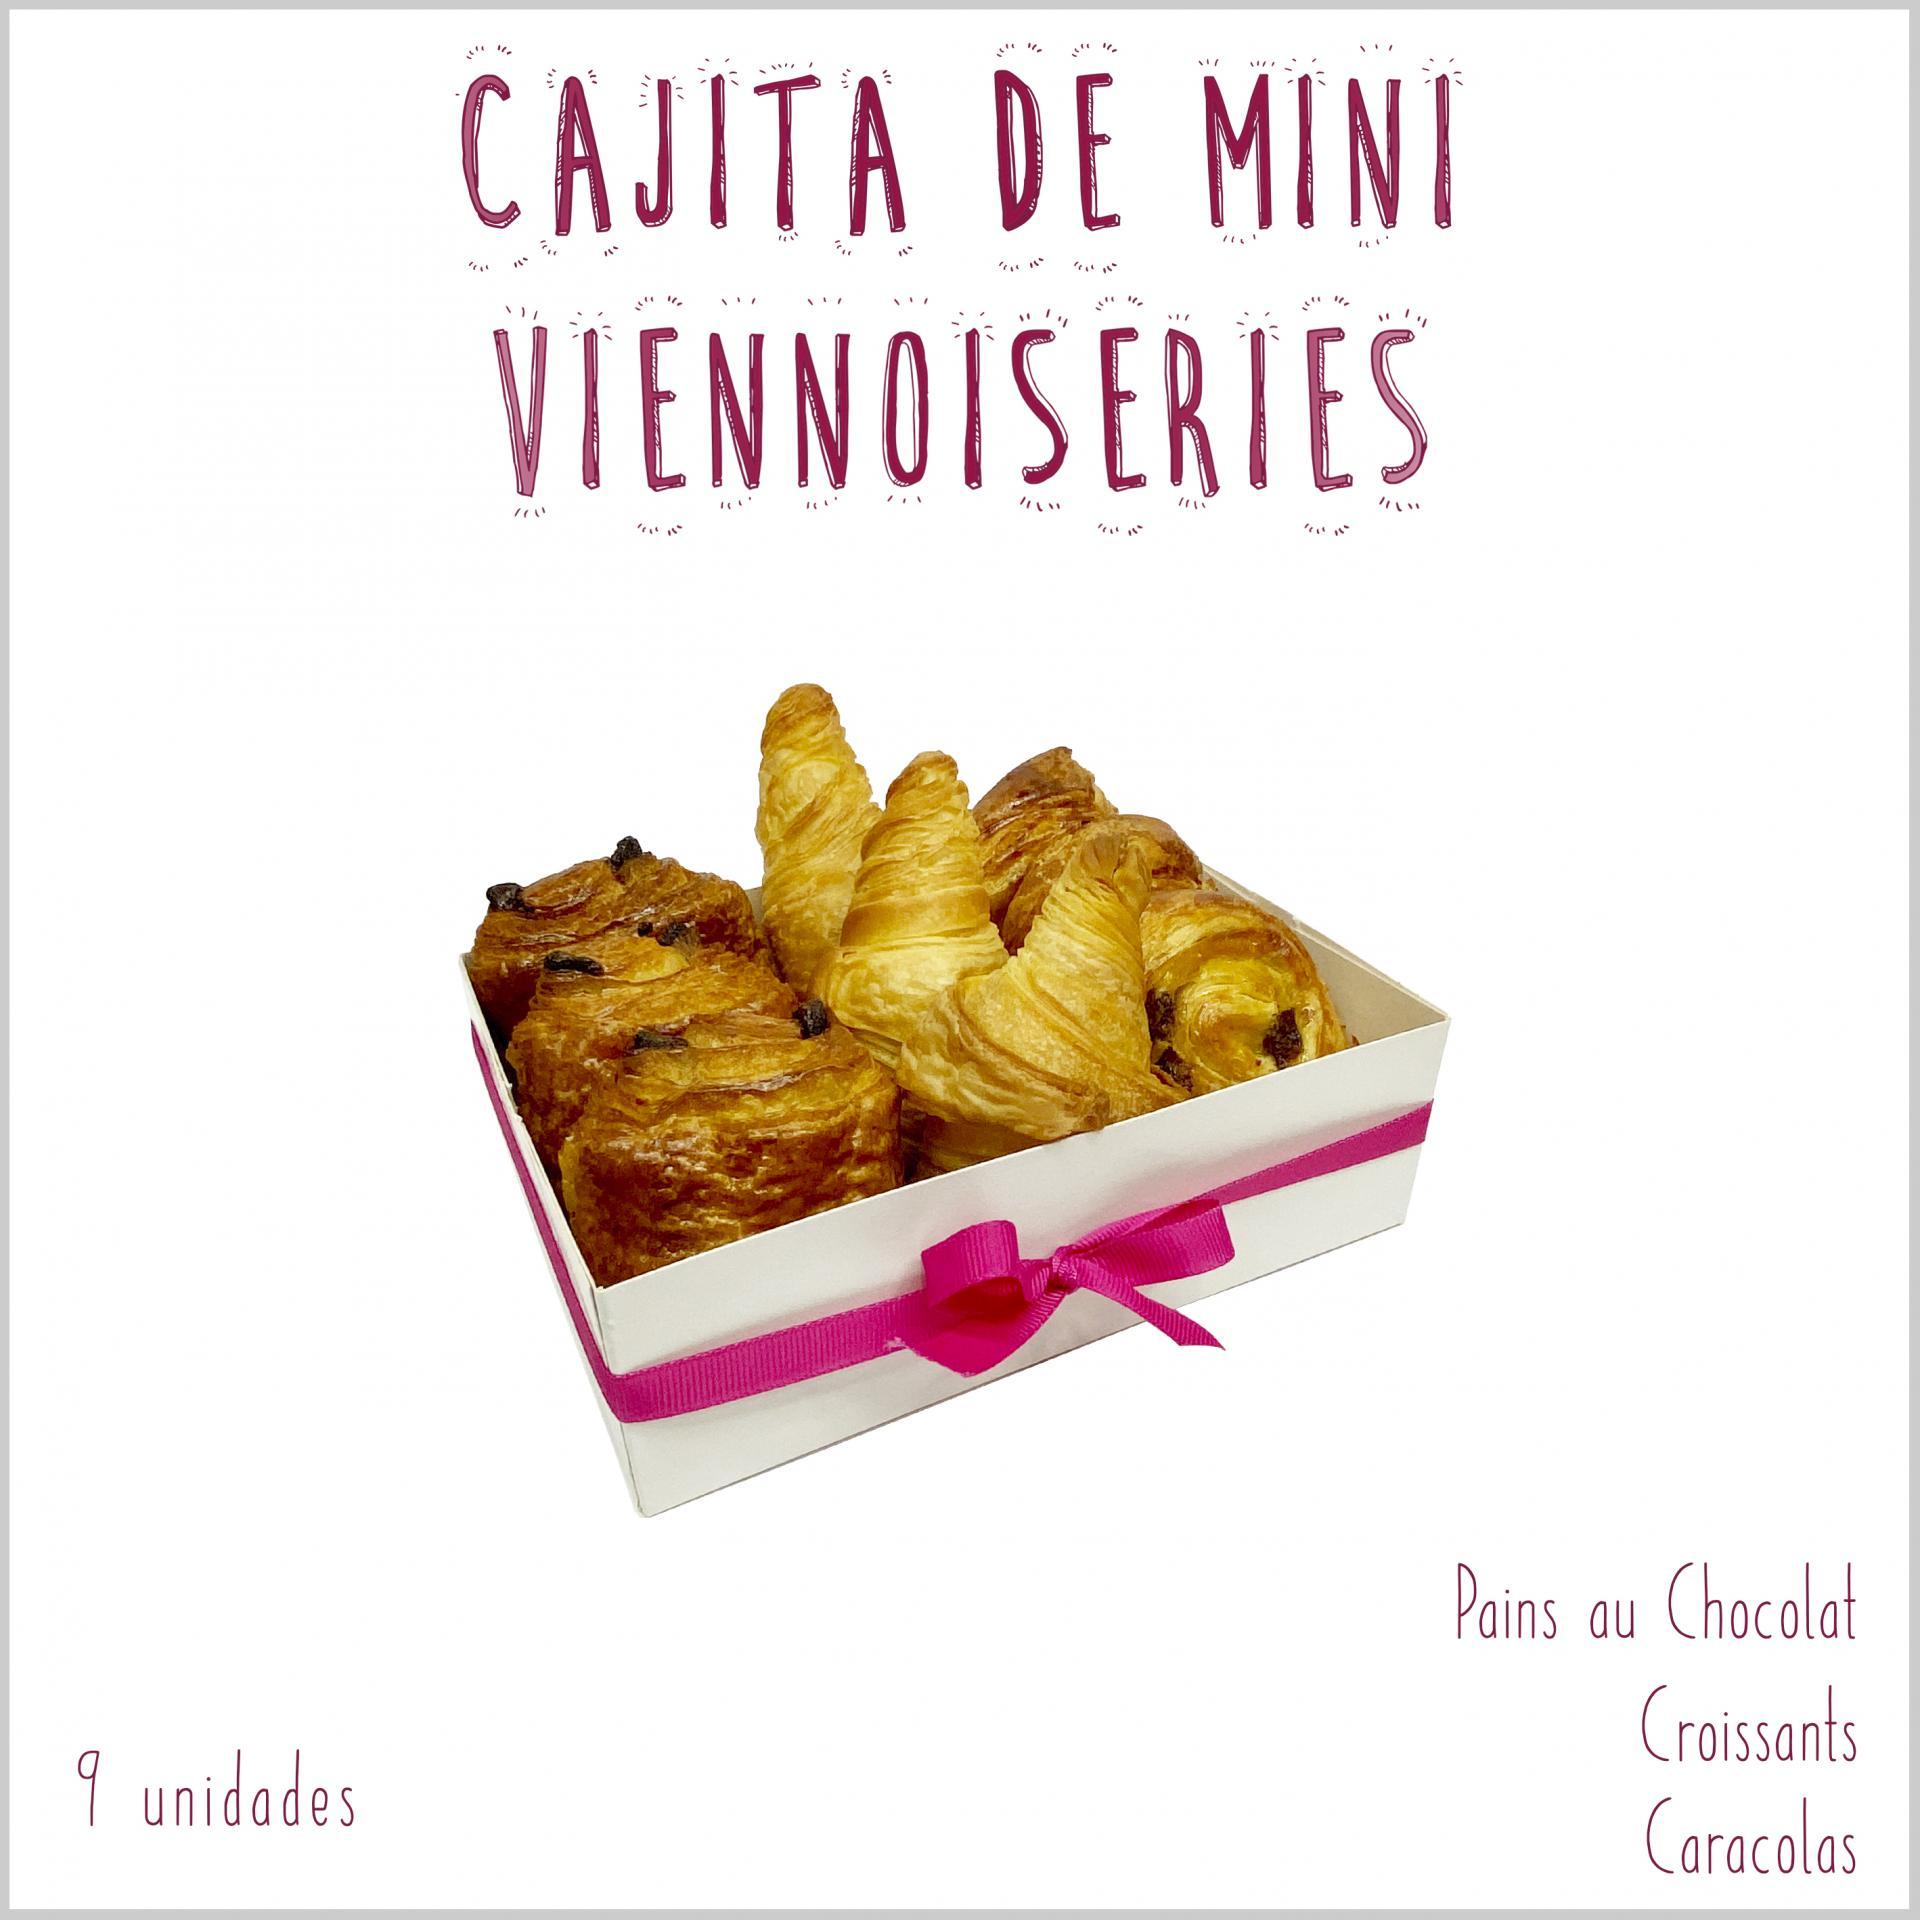 Cajita 9 Mini Viennoiseries